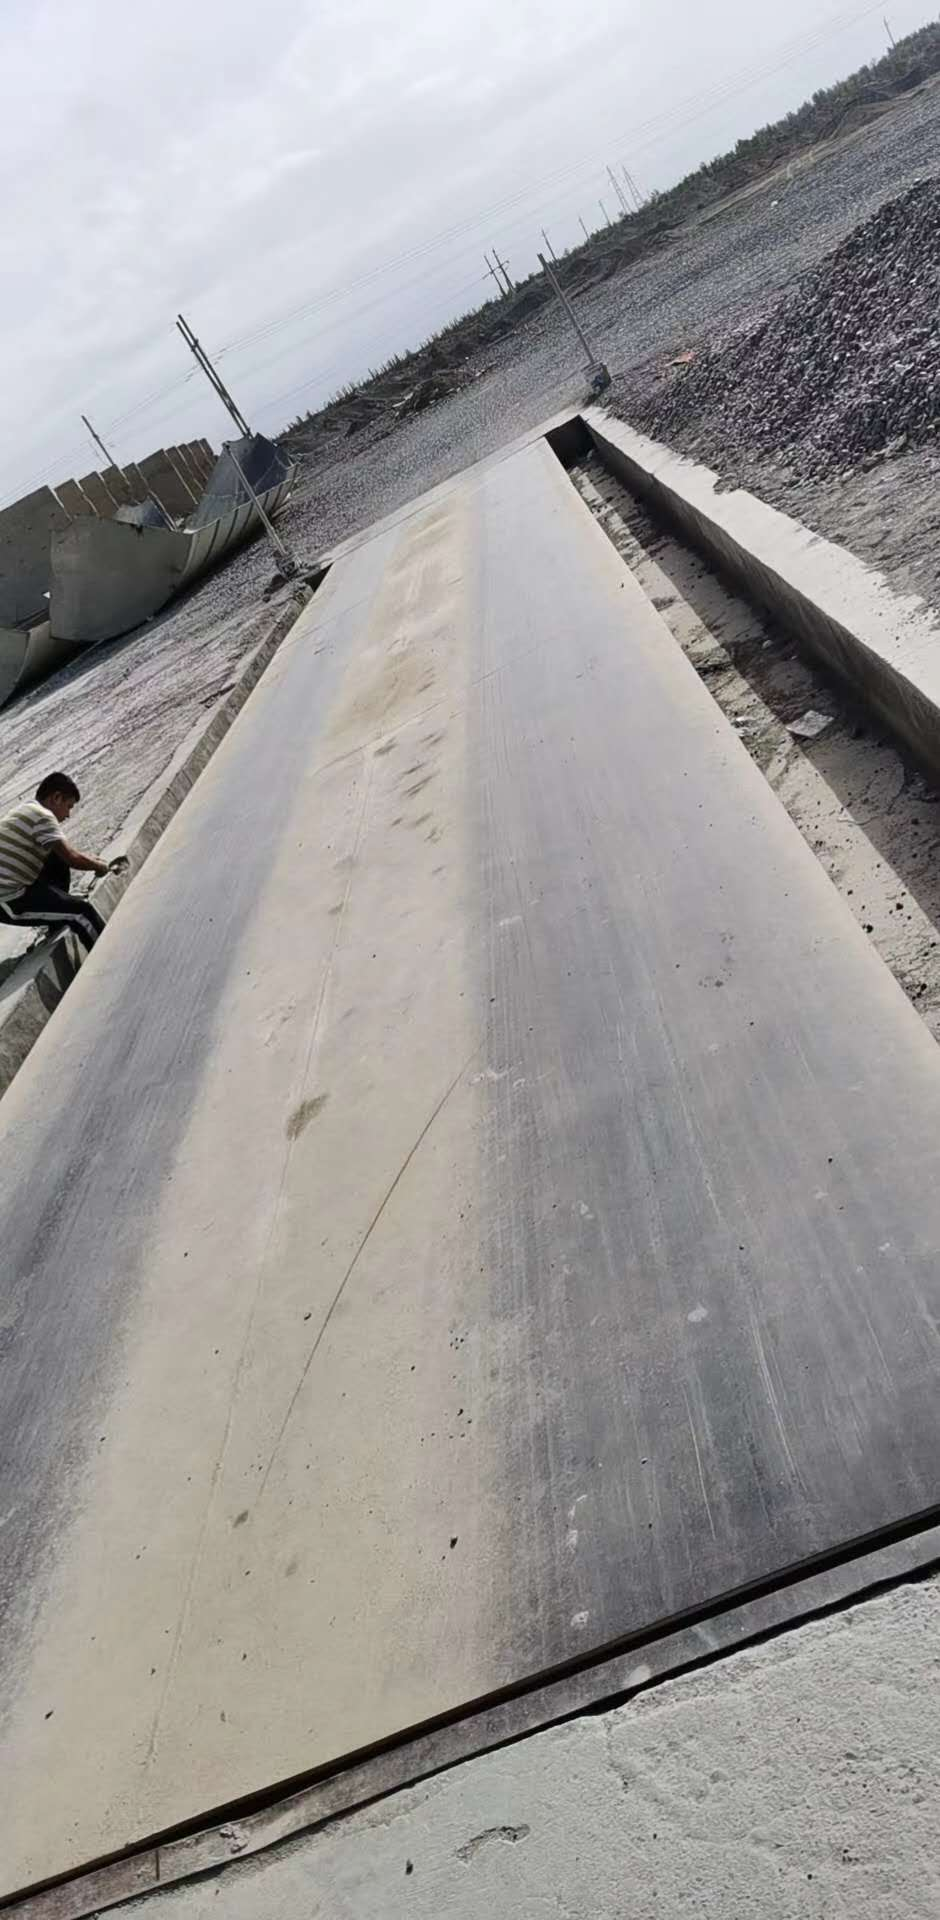 坤宁衡器在瓜州|柳园数字传感器更换、安装调试完毕